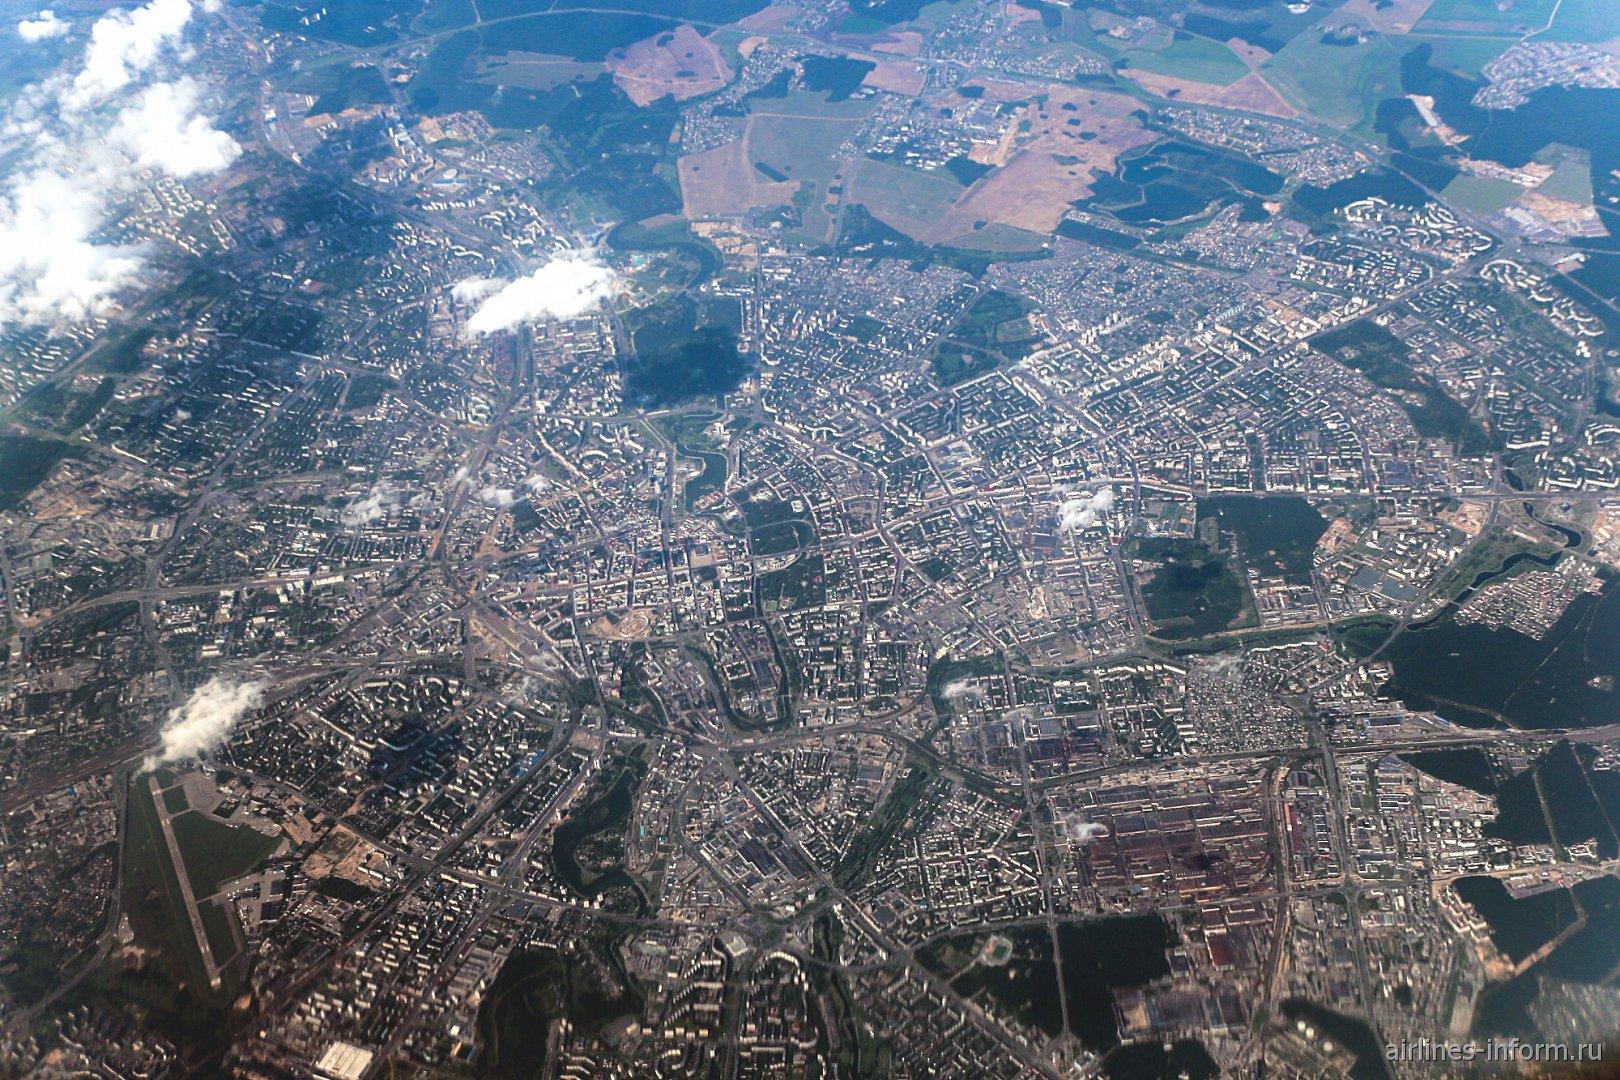 Вид из самолета на город Минск